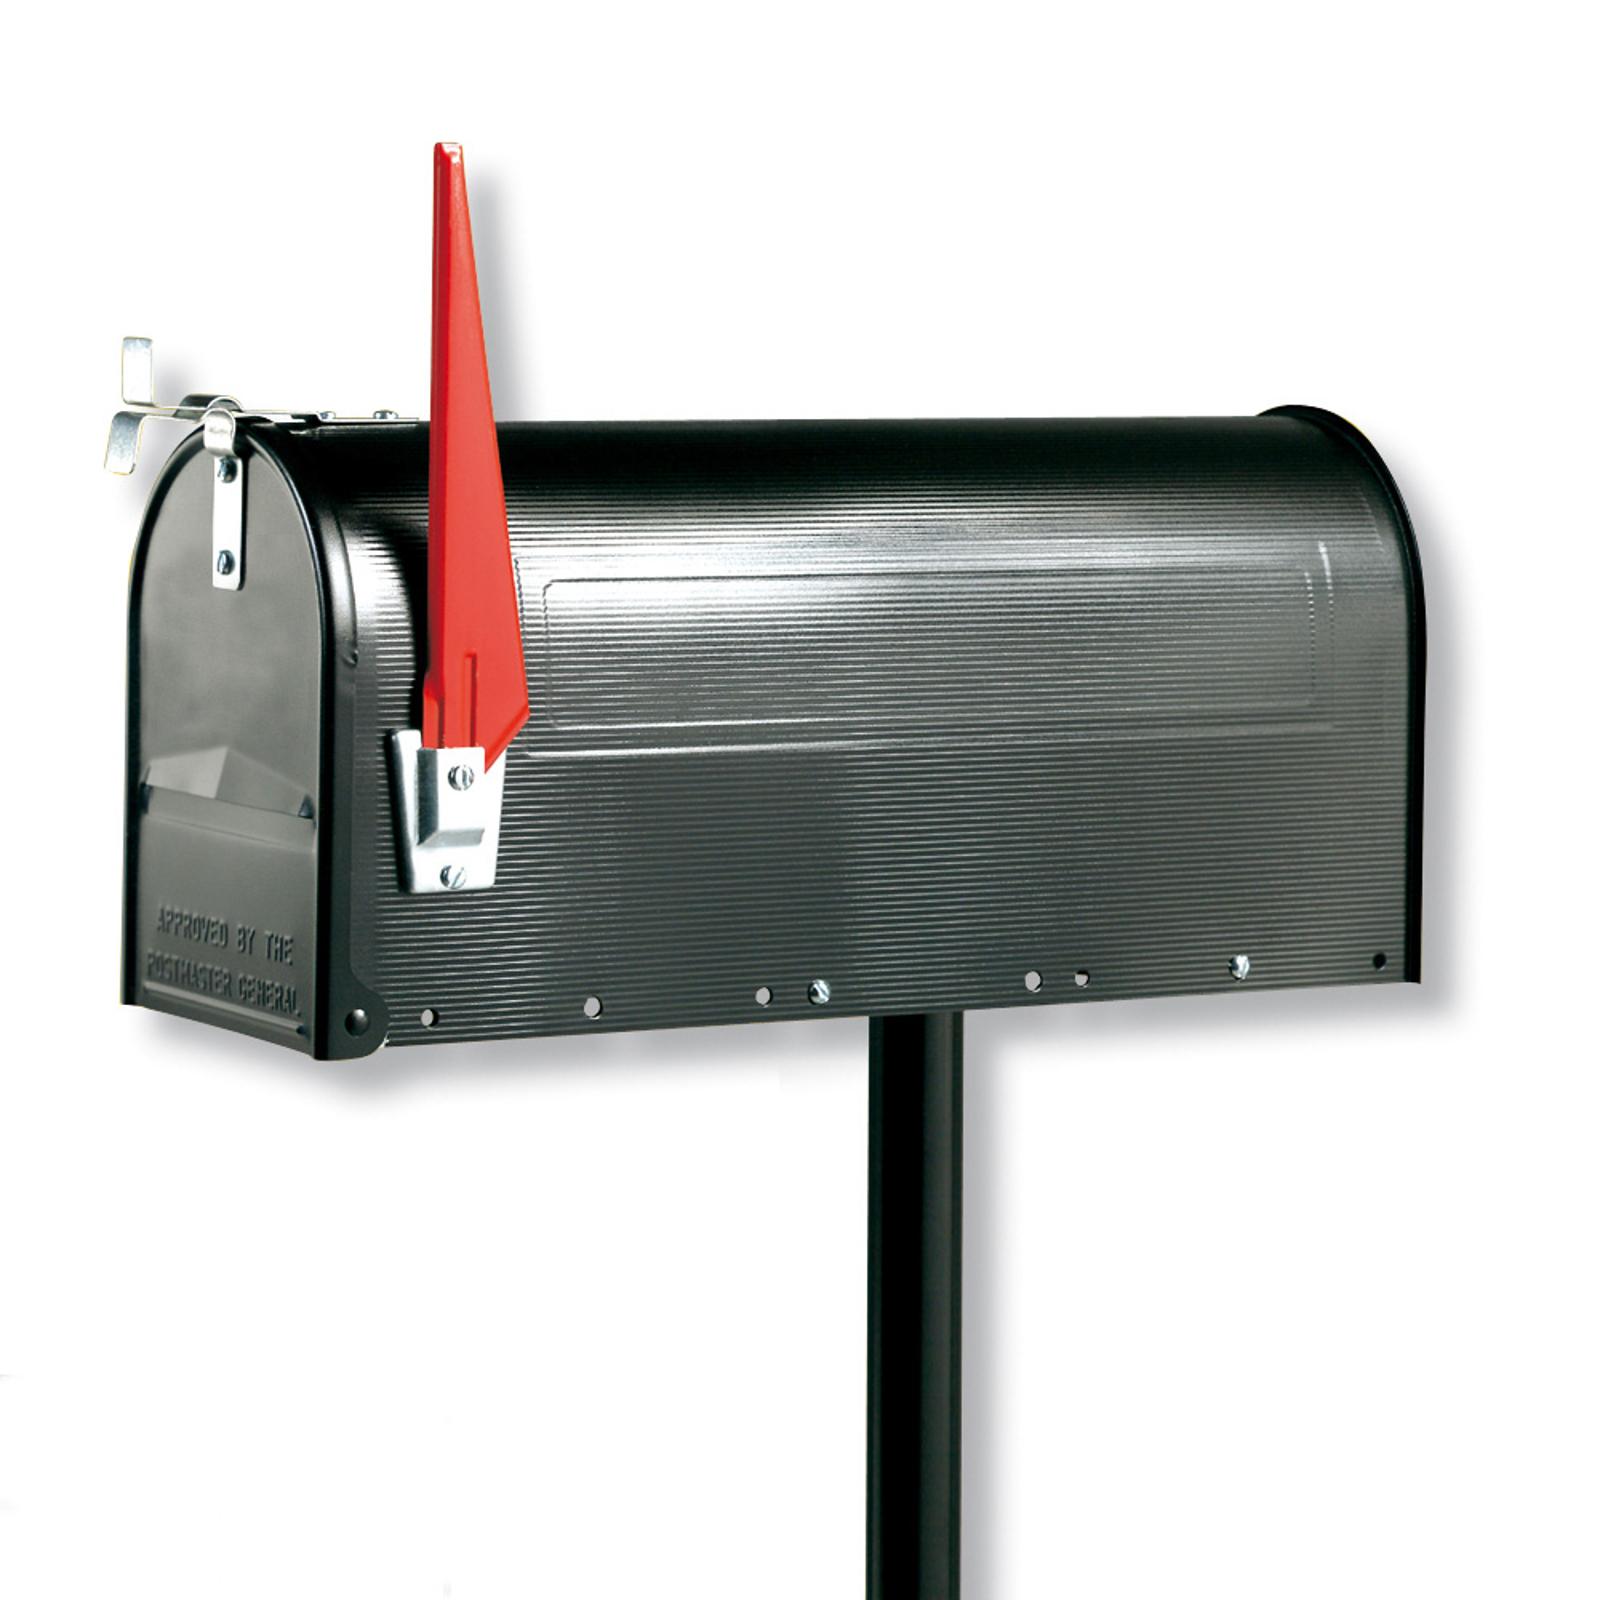 U.S. MAILBOX avec drapeau inclinable noire